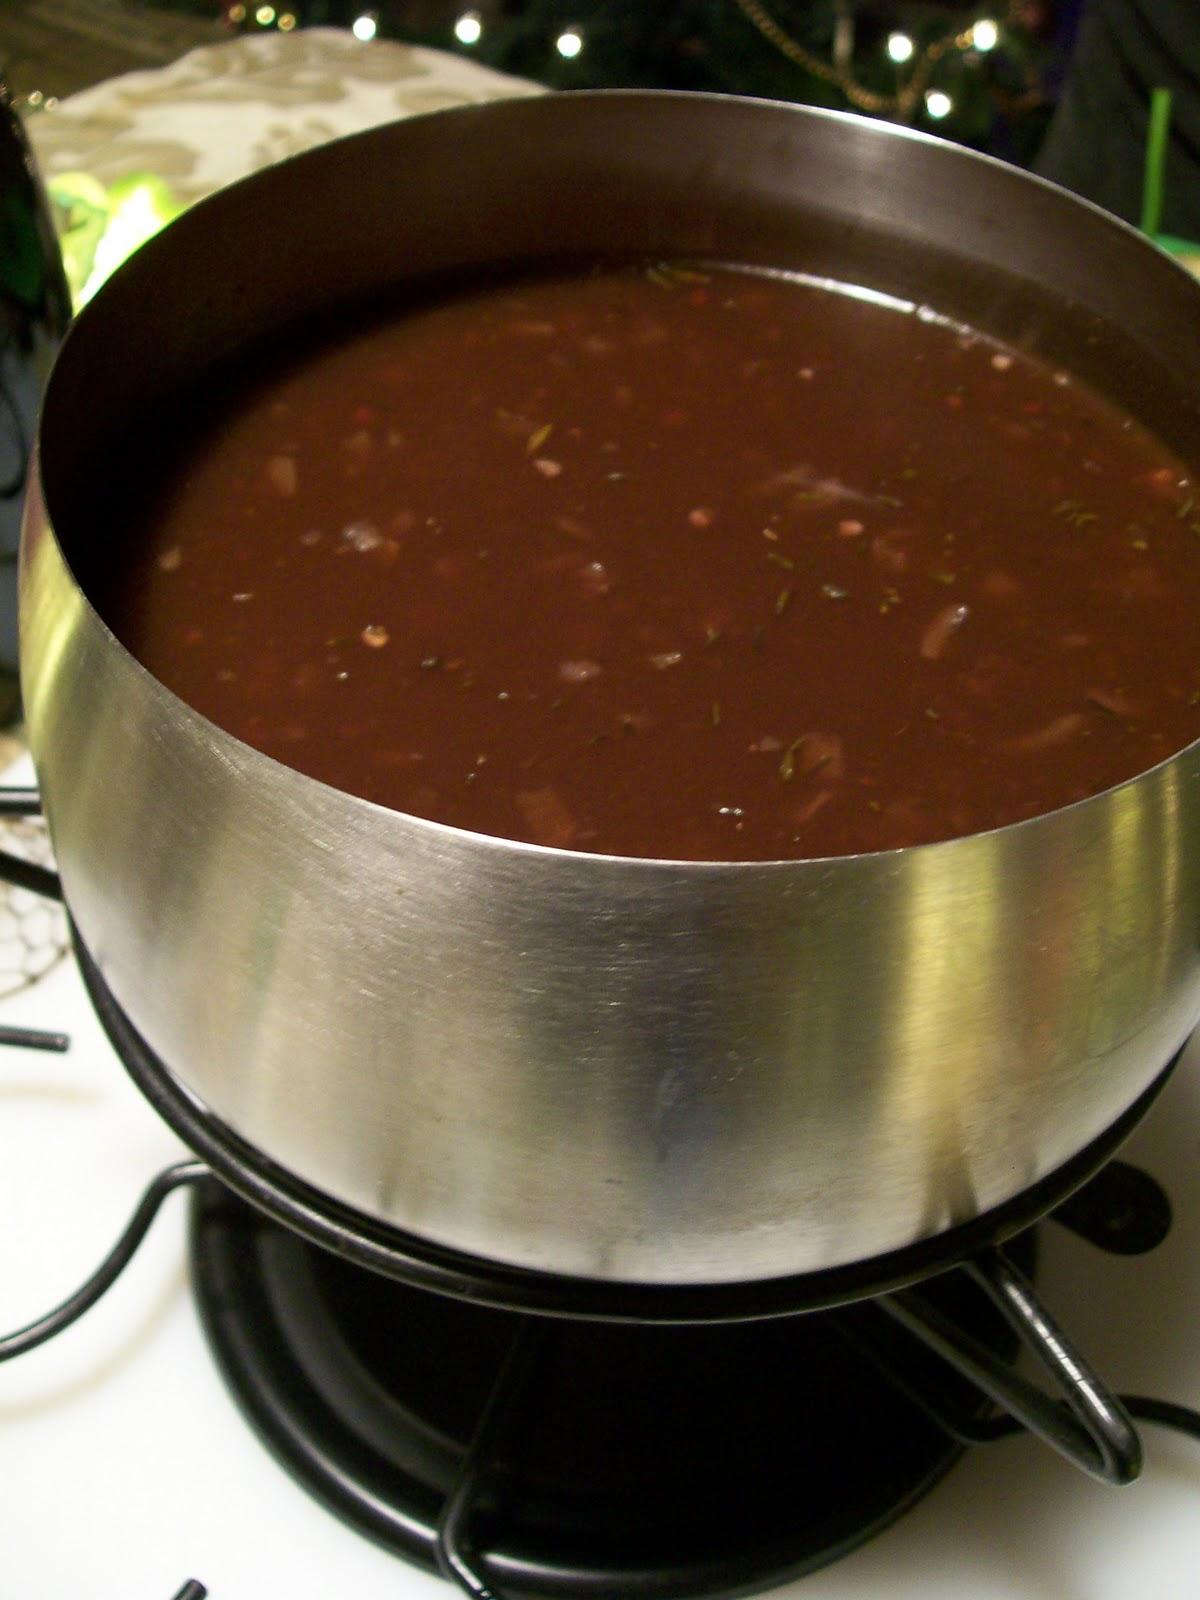 d lices et confession partage de recettes et d couvertes bouillon fondue au go t relev de. Black Bedroom Furniture Sets. Home Design Ideas